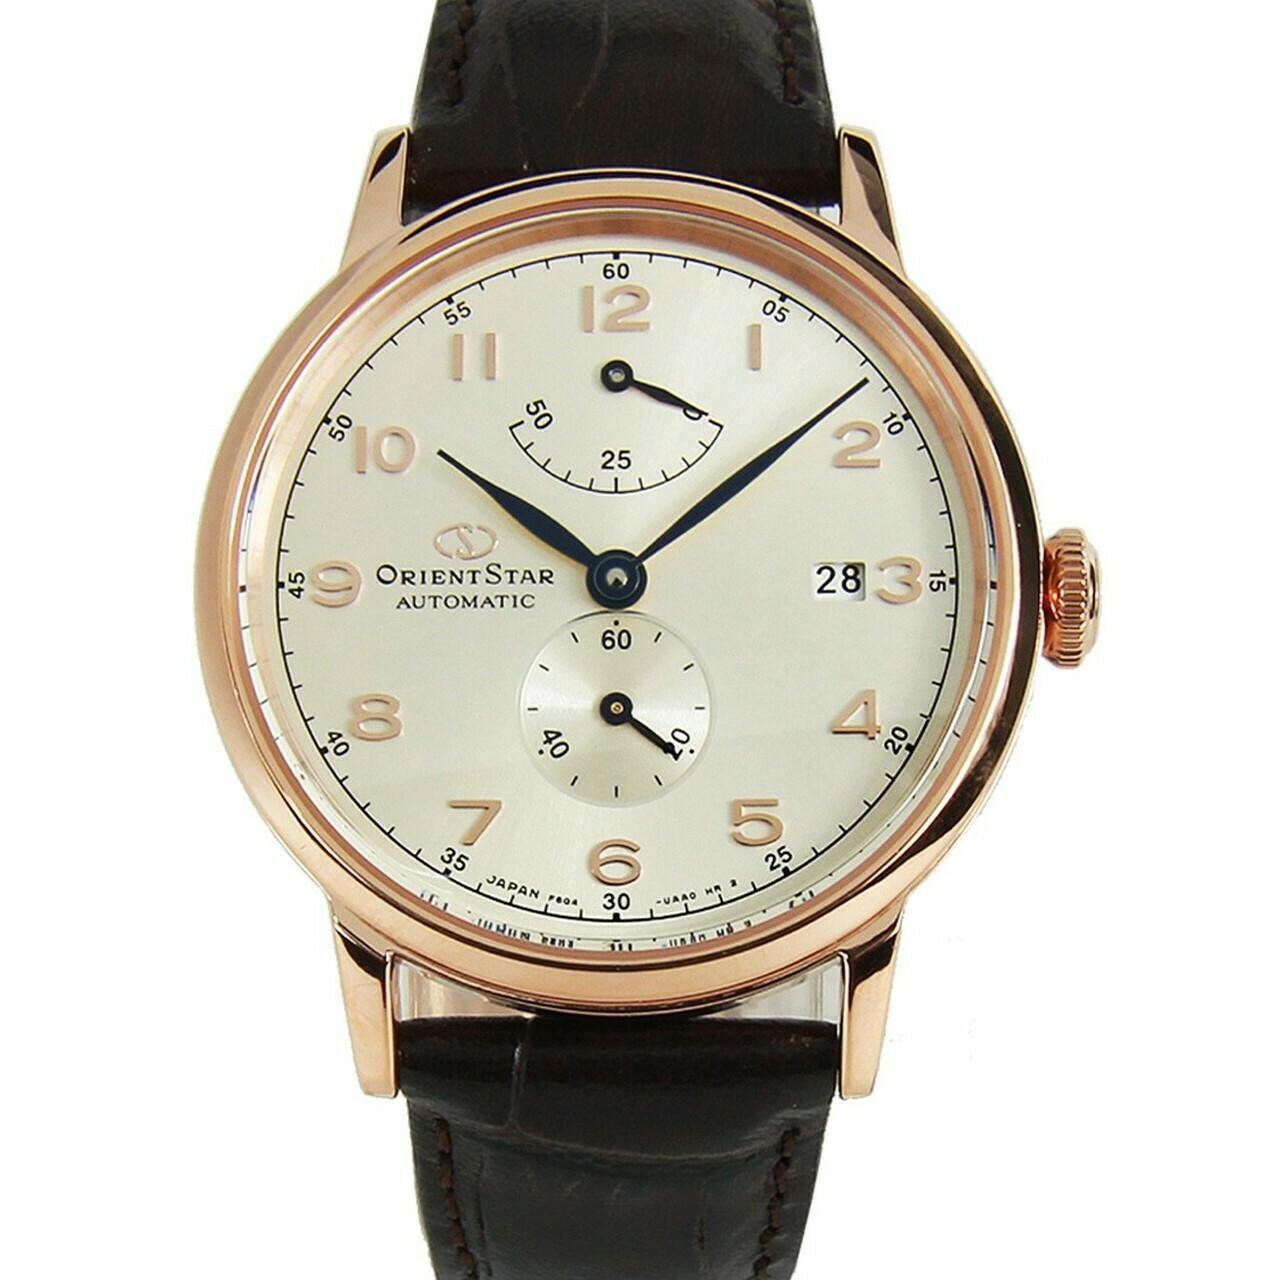 Reloj Automático Hombre Orient Star RE-AW0003S Cristal zafiro correa cuero